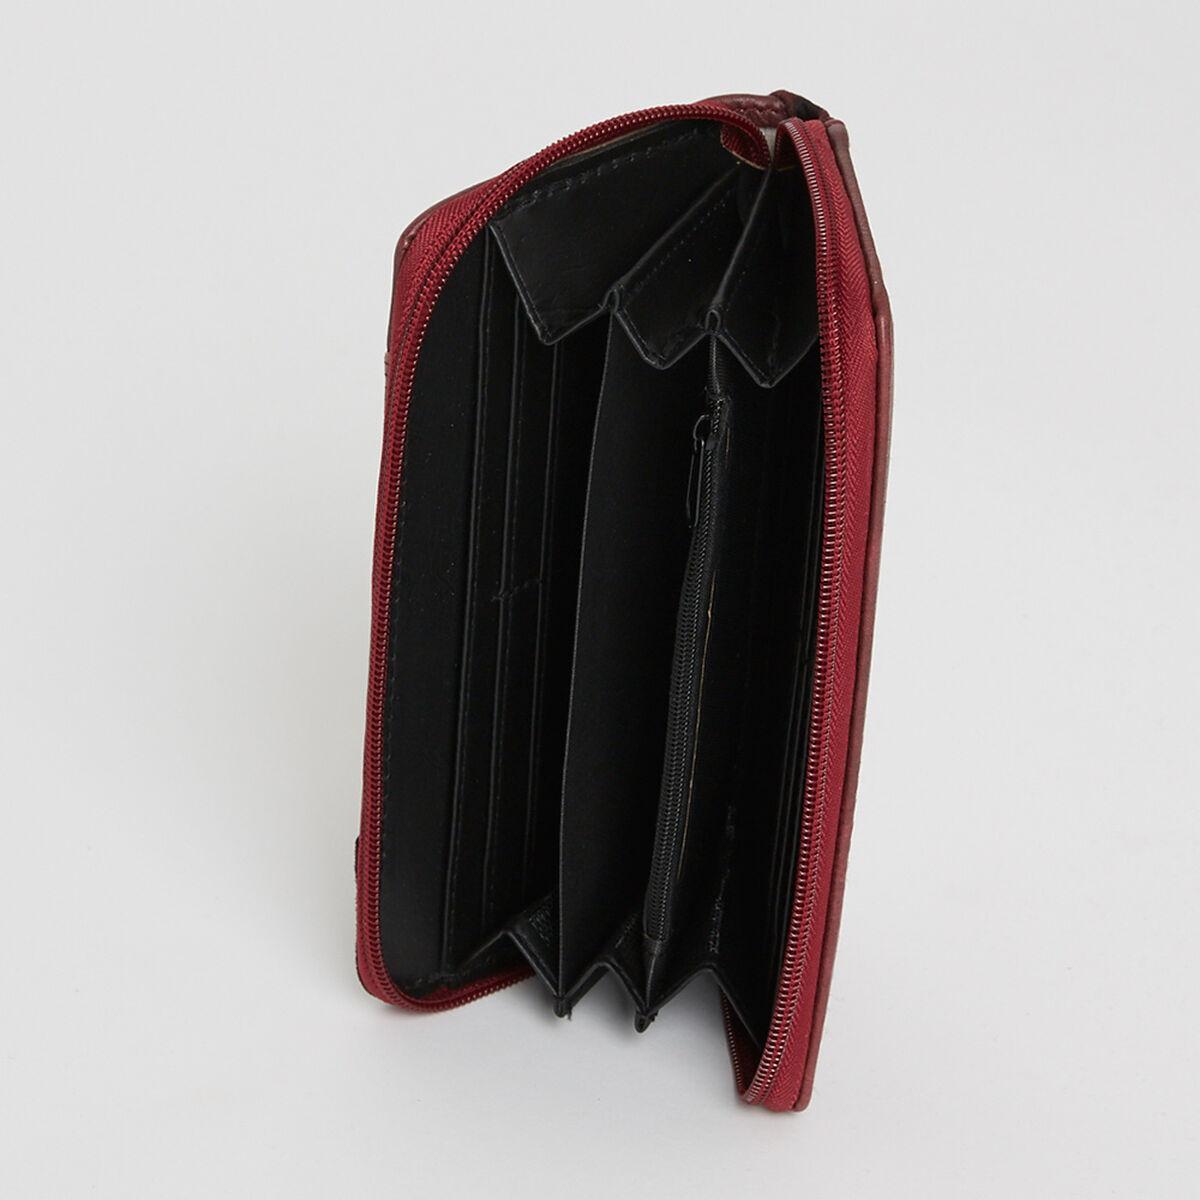 Billetera Mujer Zibel